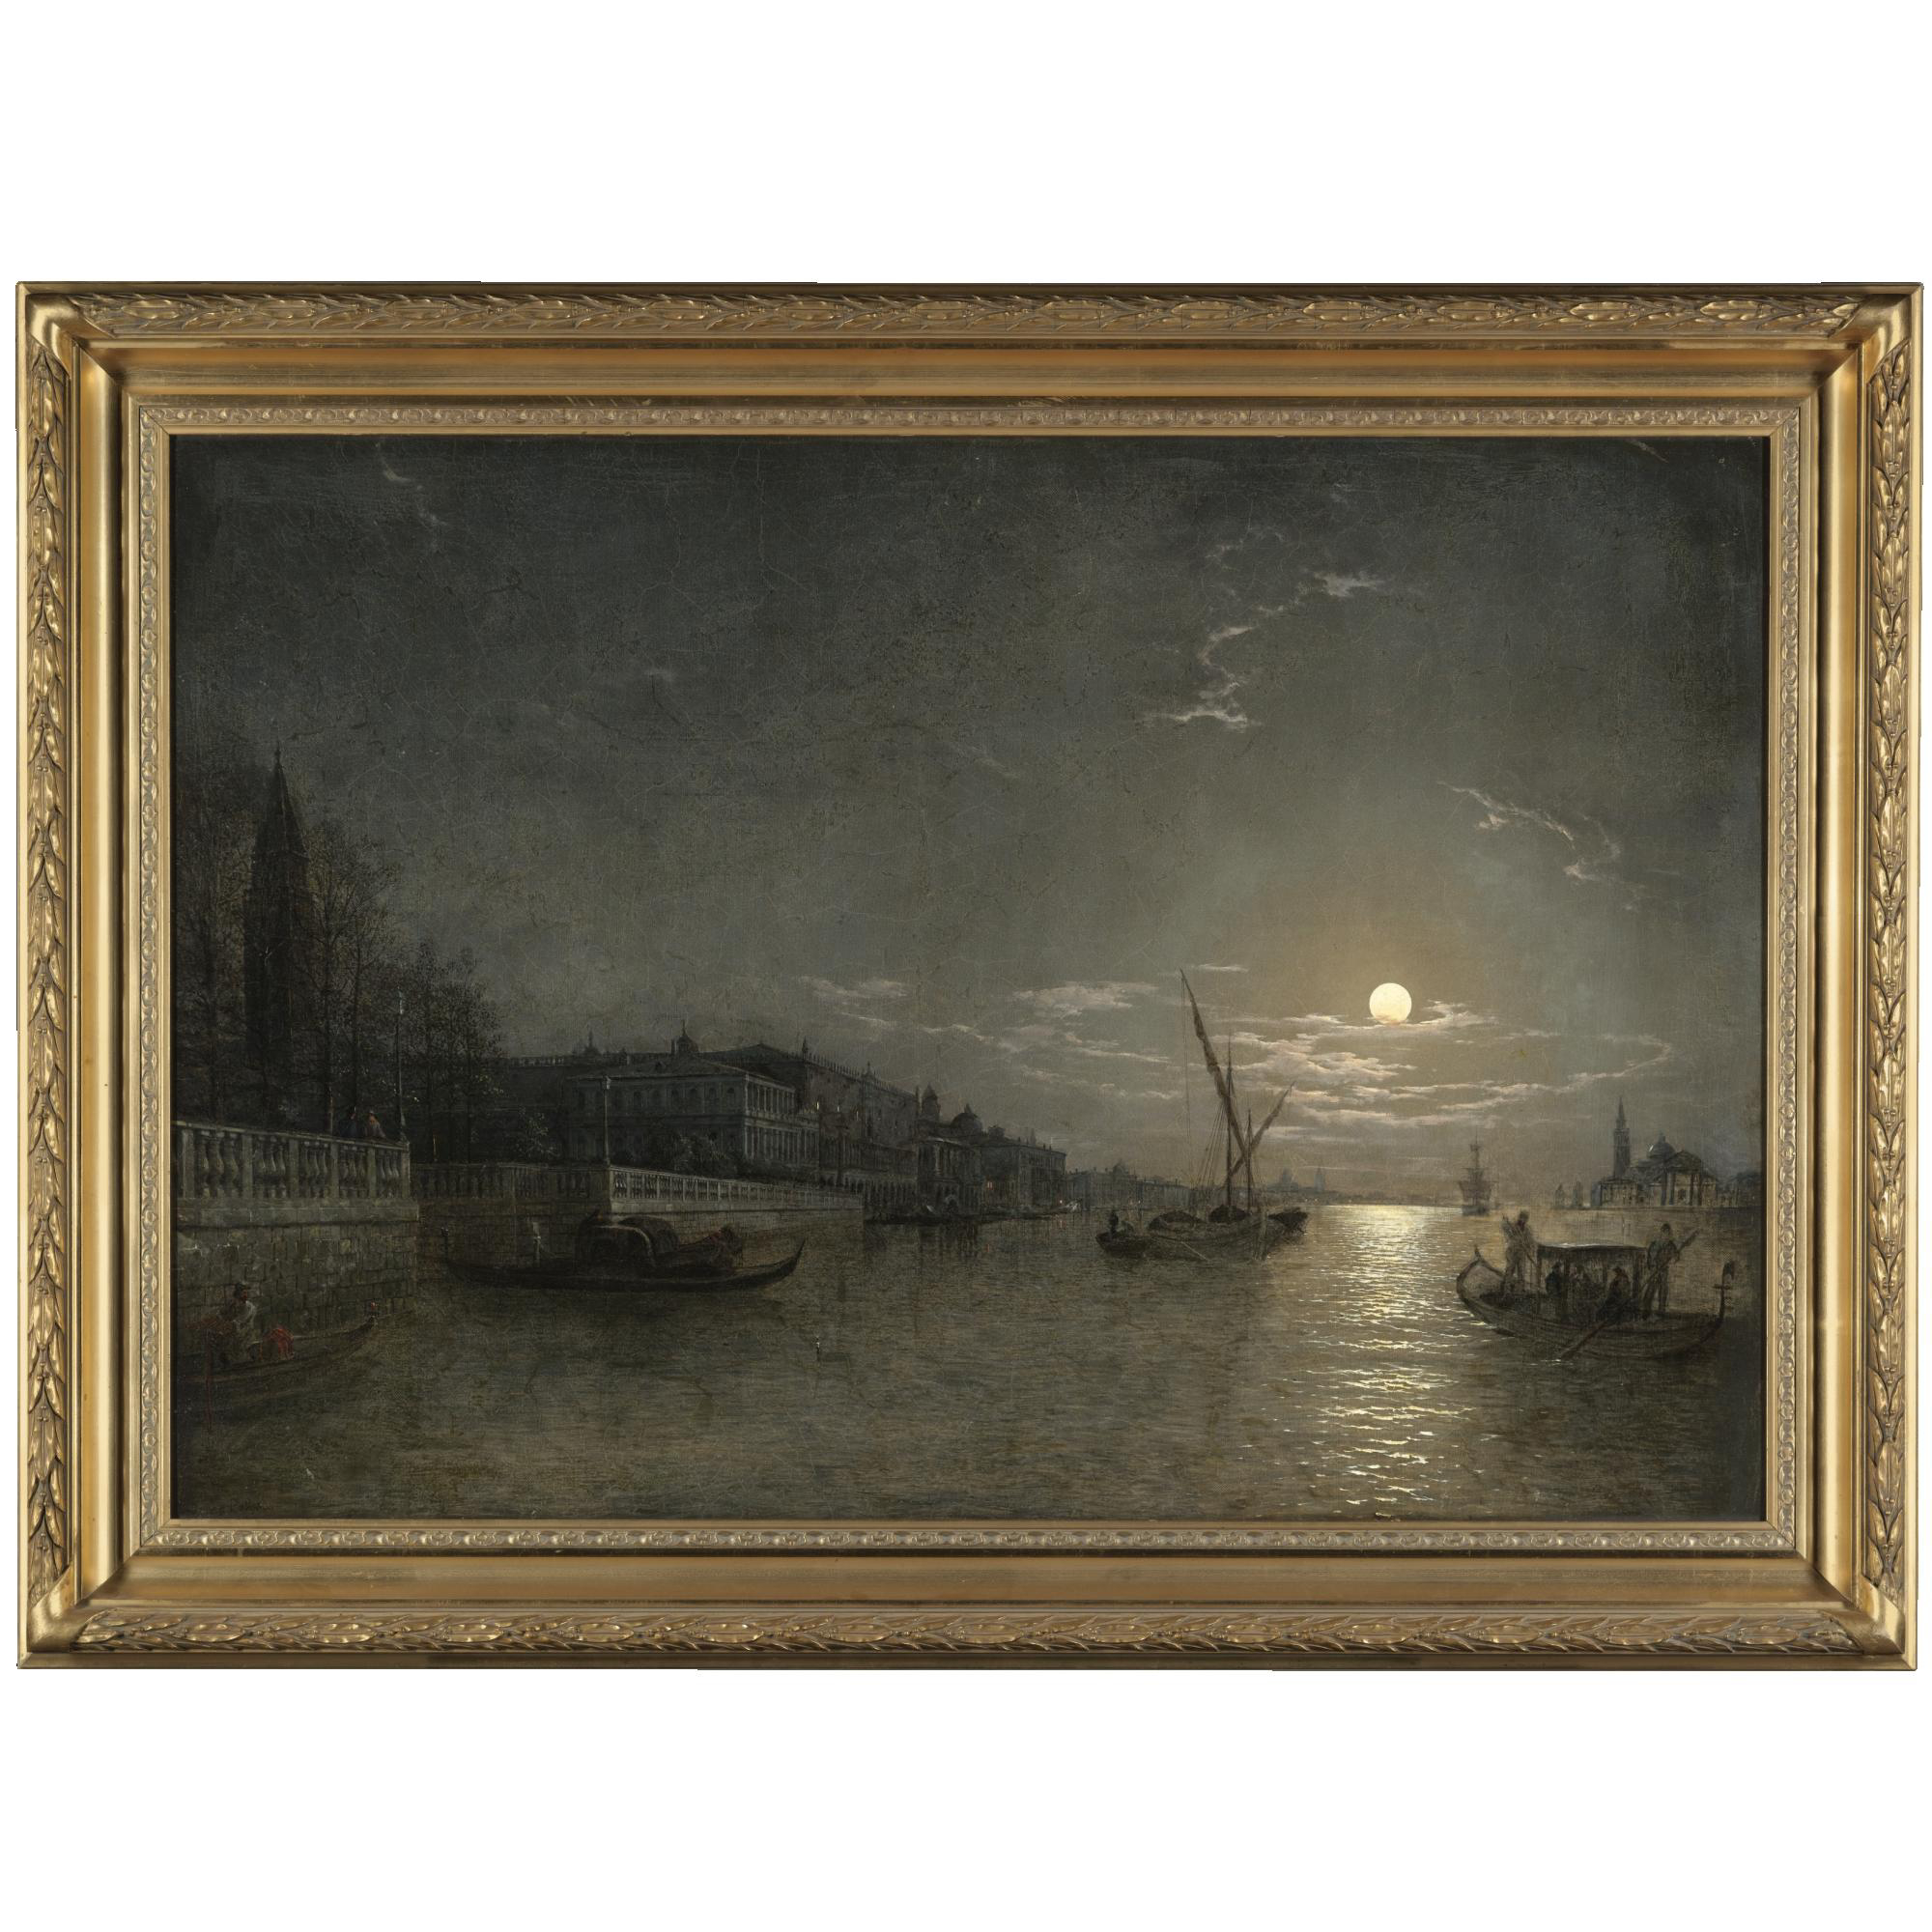 威尼斯运河上的月光_A moonlit view on the Grand Canal, Venice-亨利·佩特